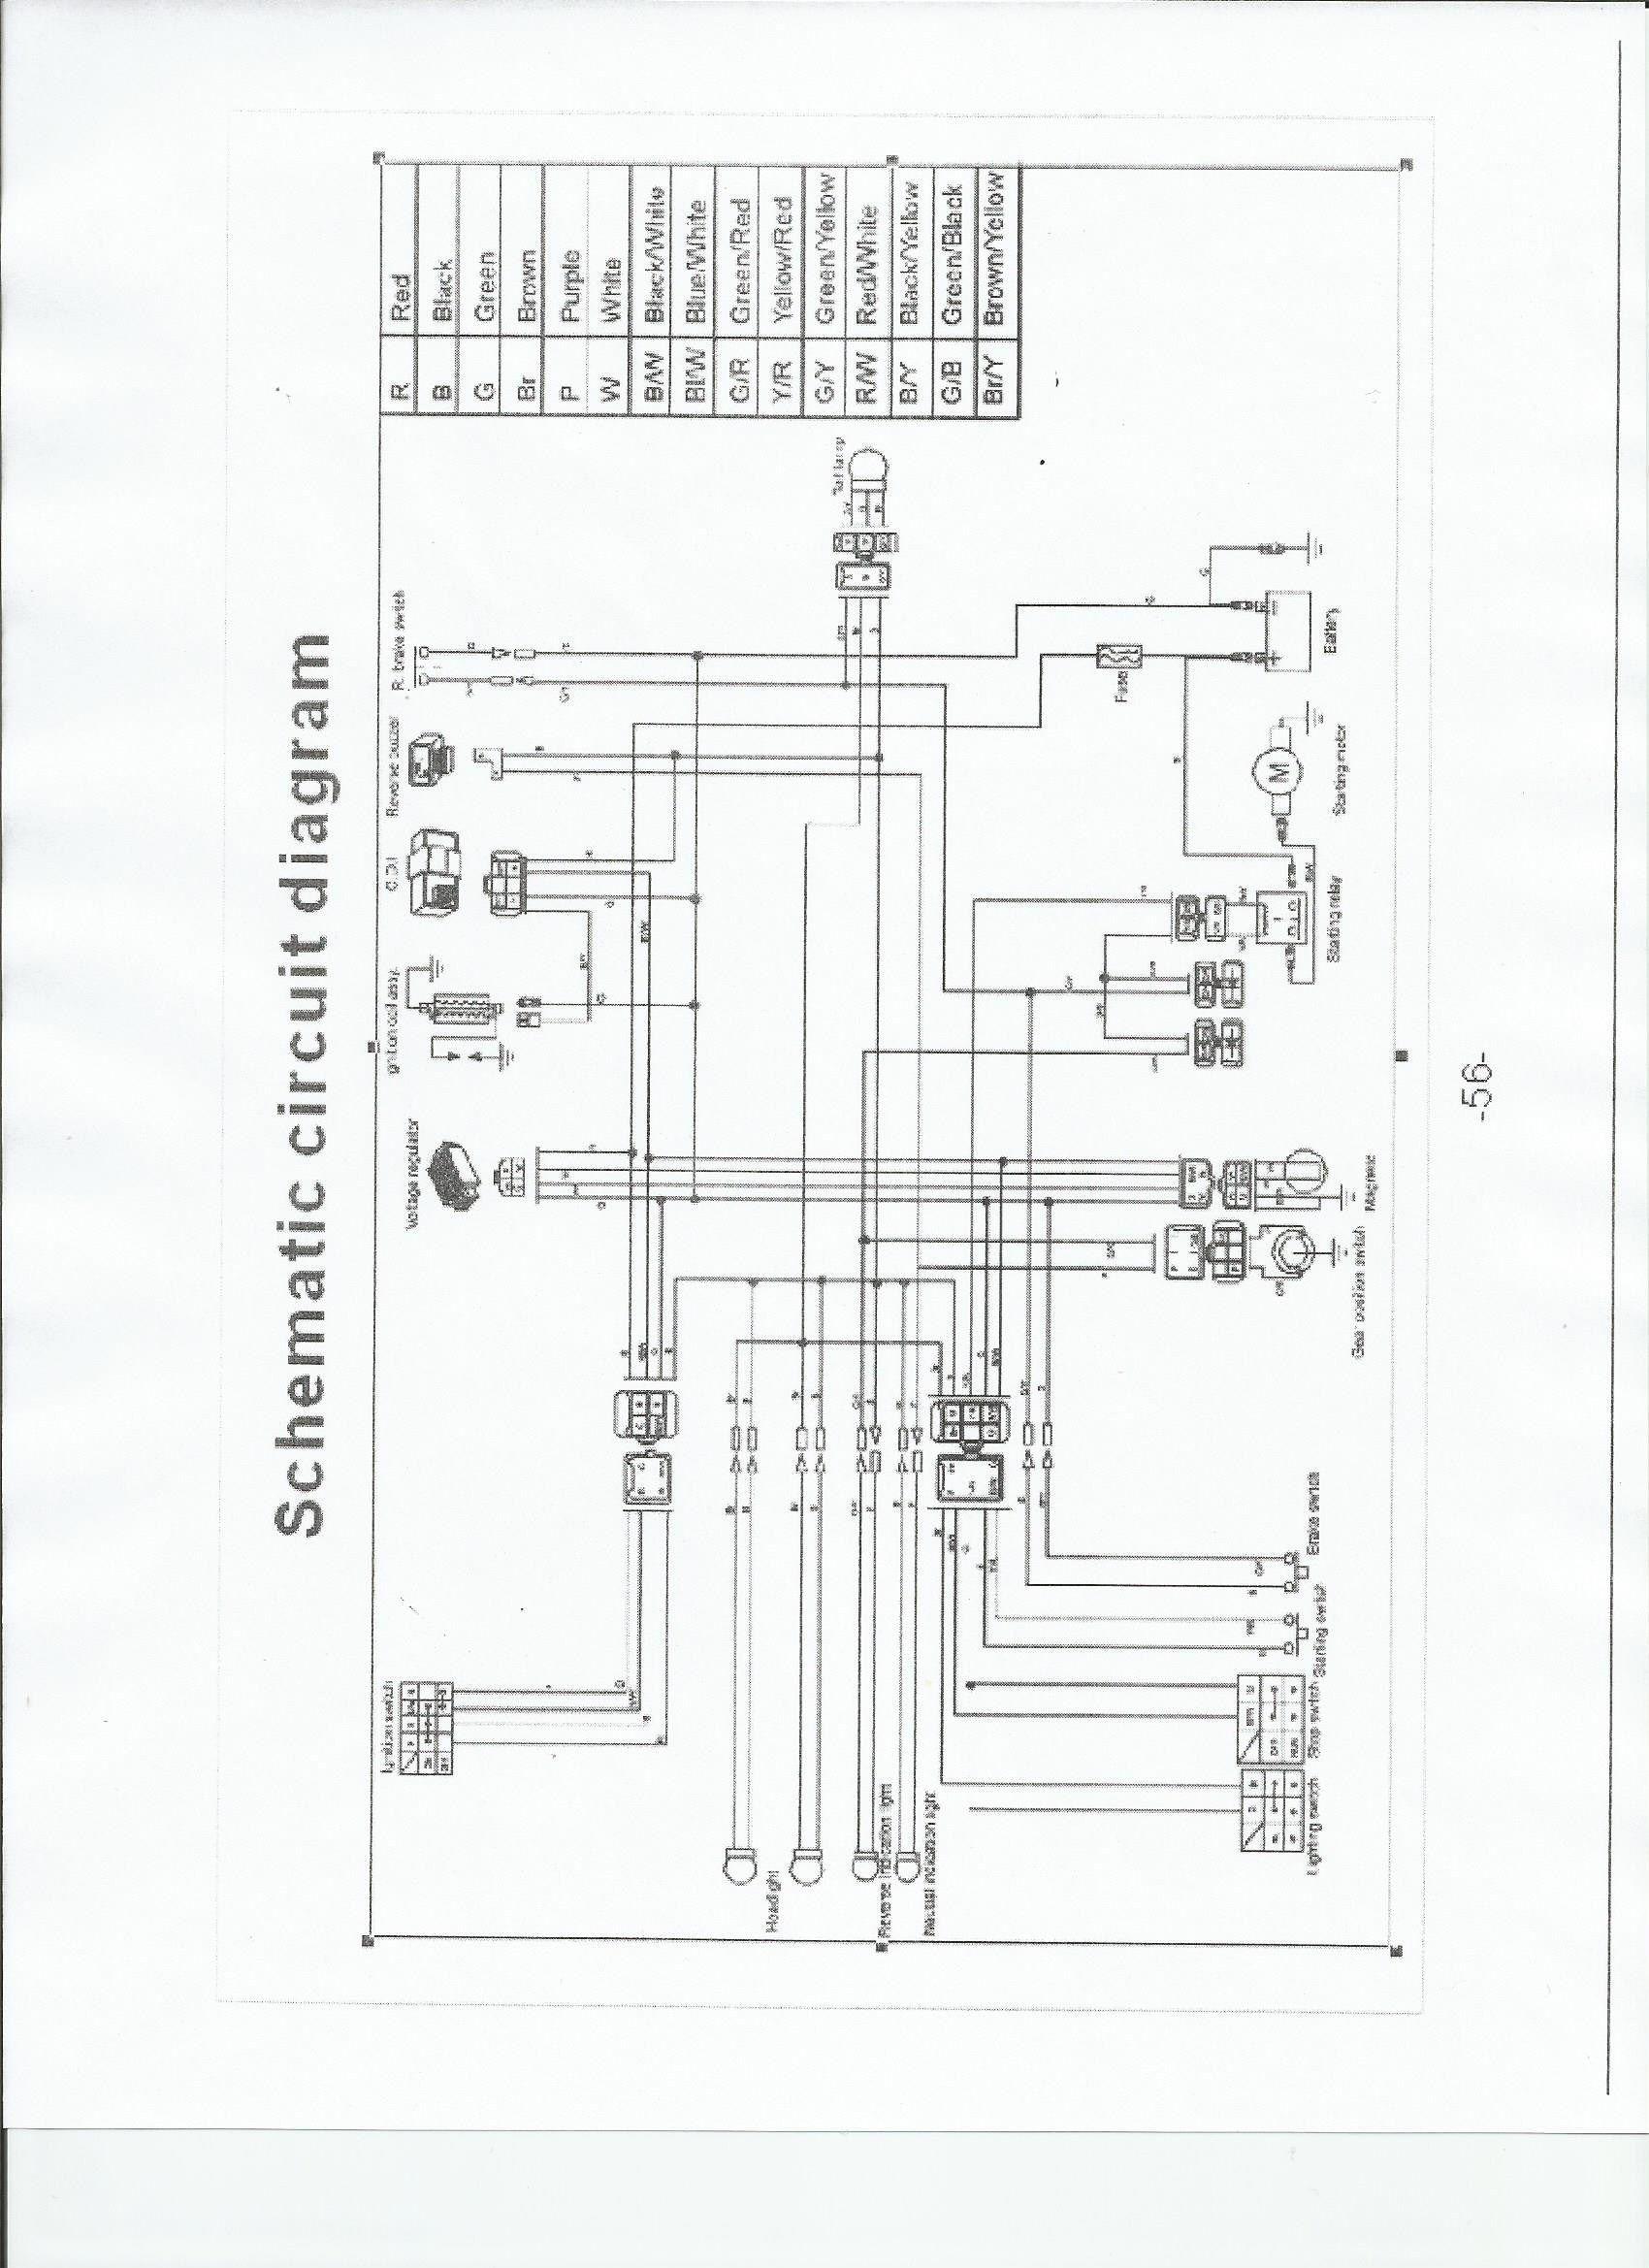 Caravan Electrics Wiring Diagram Diagram Taotao Atv Caravan Electrics